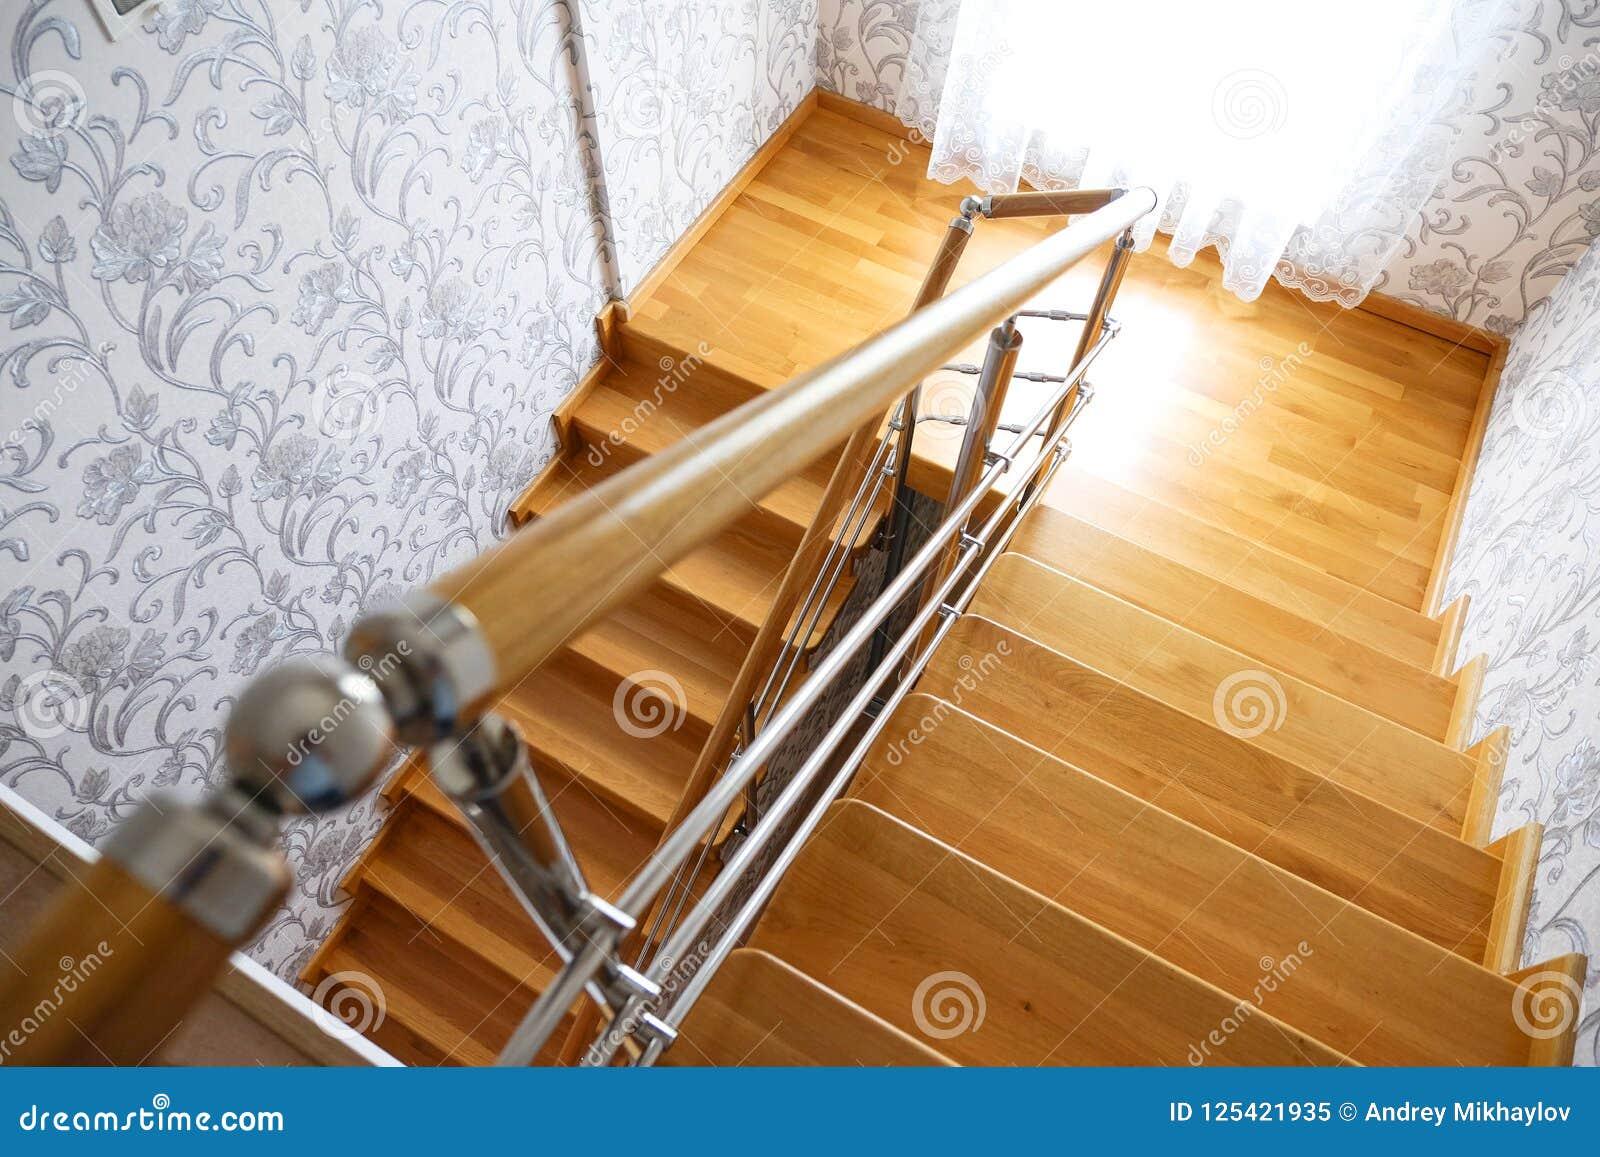 Escalier En Bois Moderne Dans La Maison La Vue à Partir Du Dessus ...